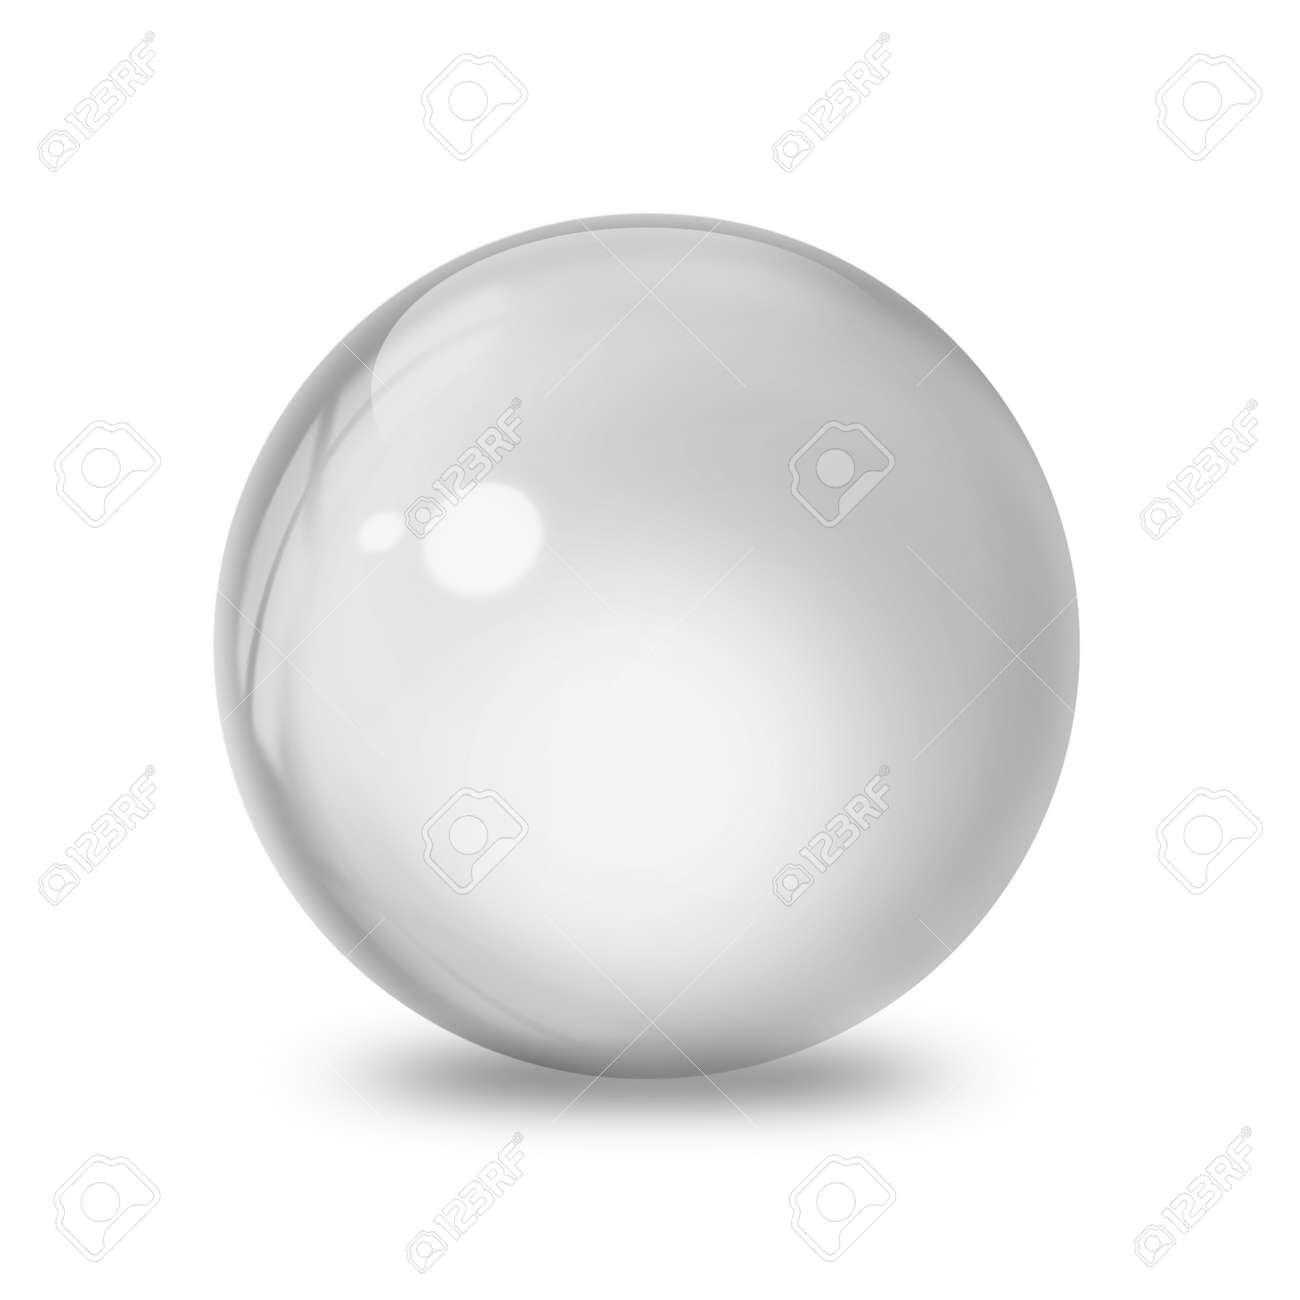 sphere Stock Photo - 9878338